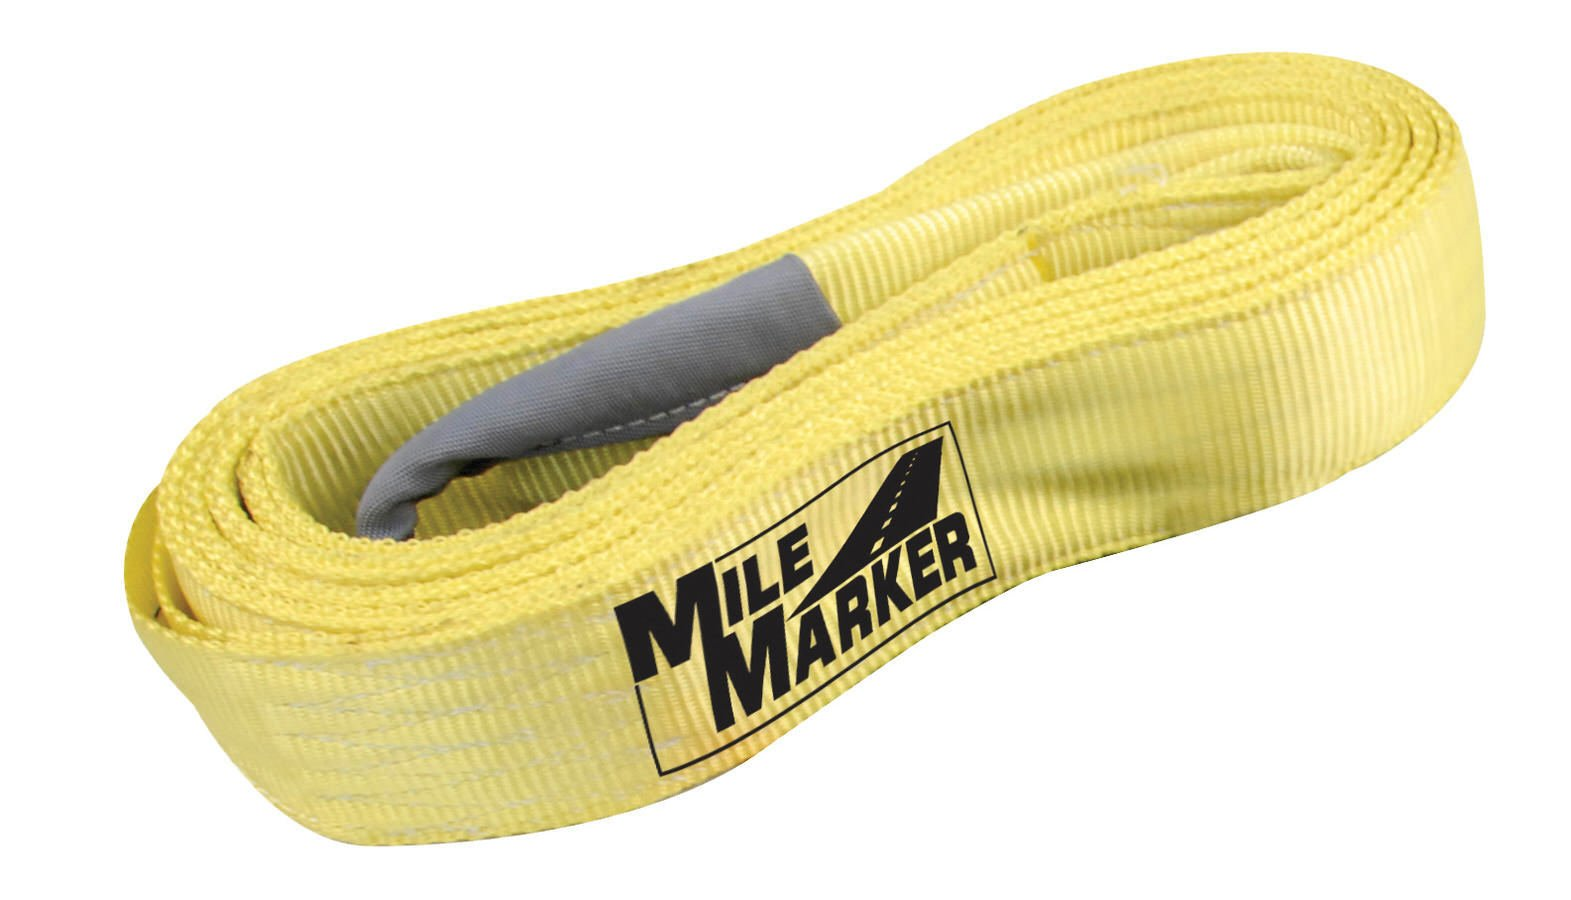 Mile Marker 3in x 15ft ATV Strap